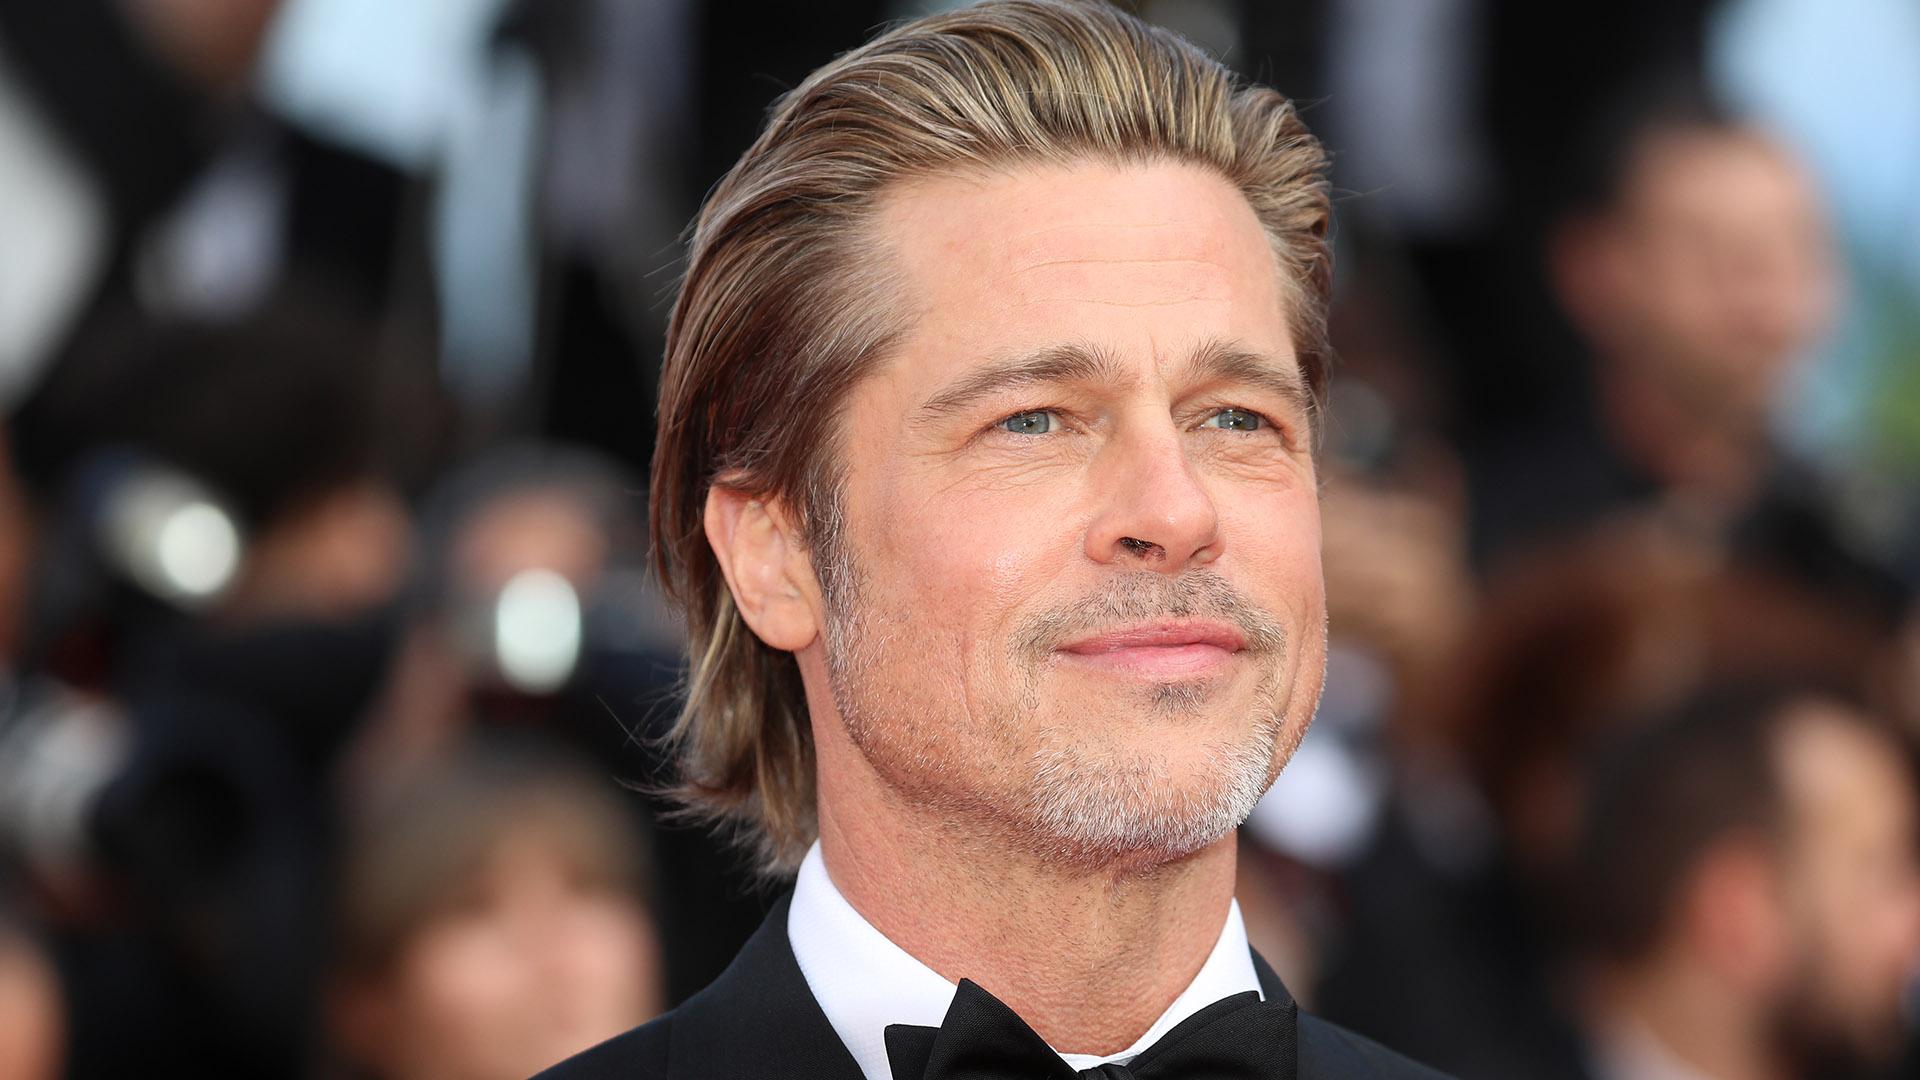 """Brad Pitt se hizo presente en Cannes para presentar """"Once Upon A Time… In Hollywood"""" con dirección de Tarantino, quien fue premiado con la Palma de Oro en 1994 por """"Pulp Fiction"""""""